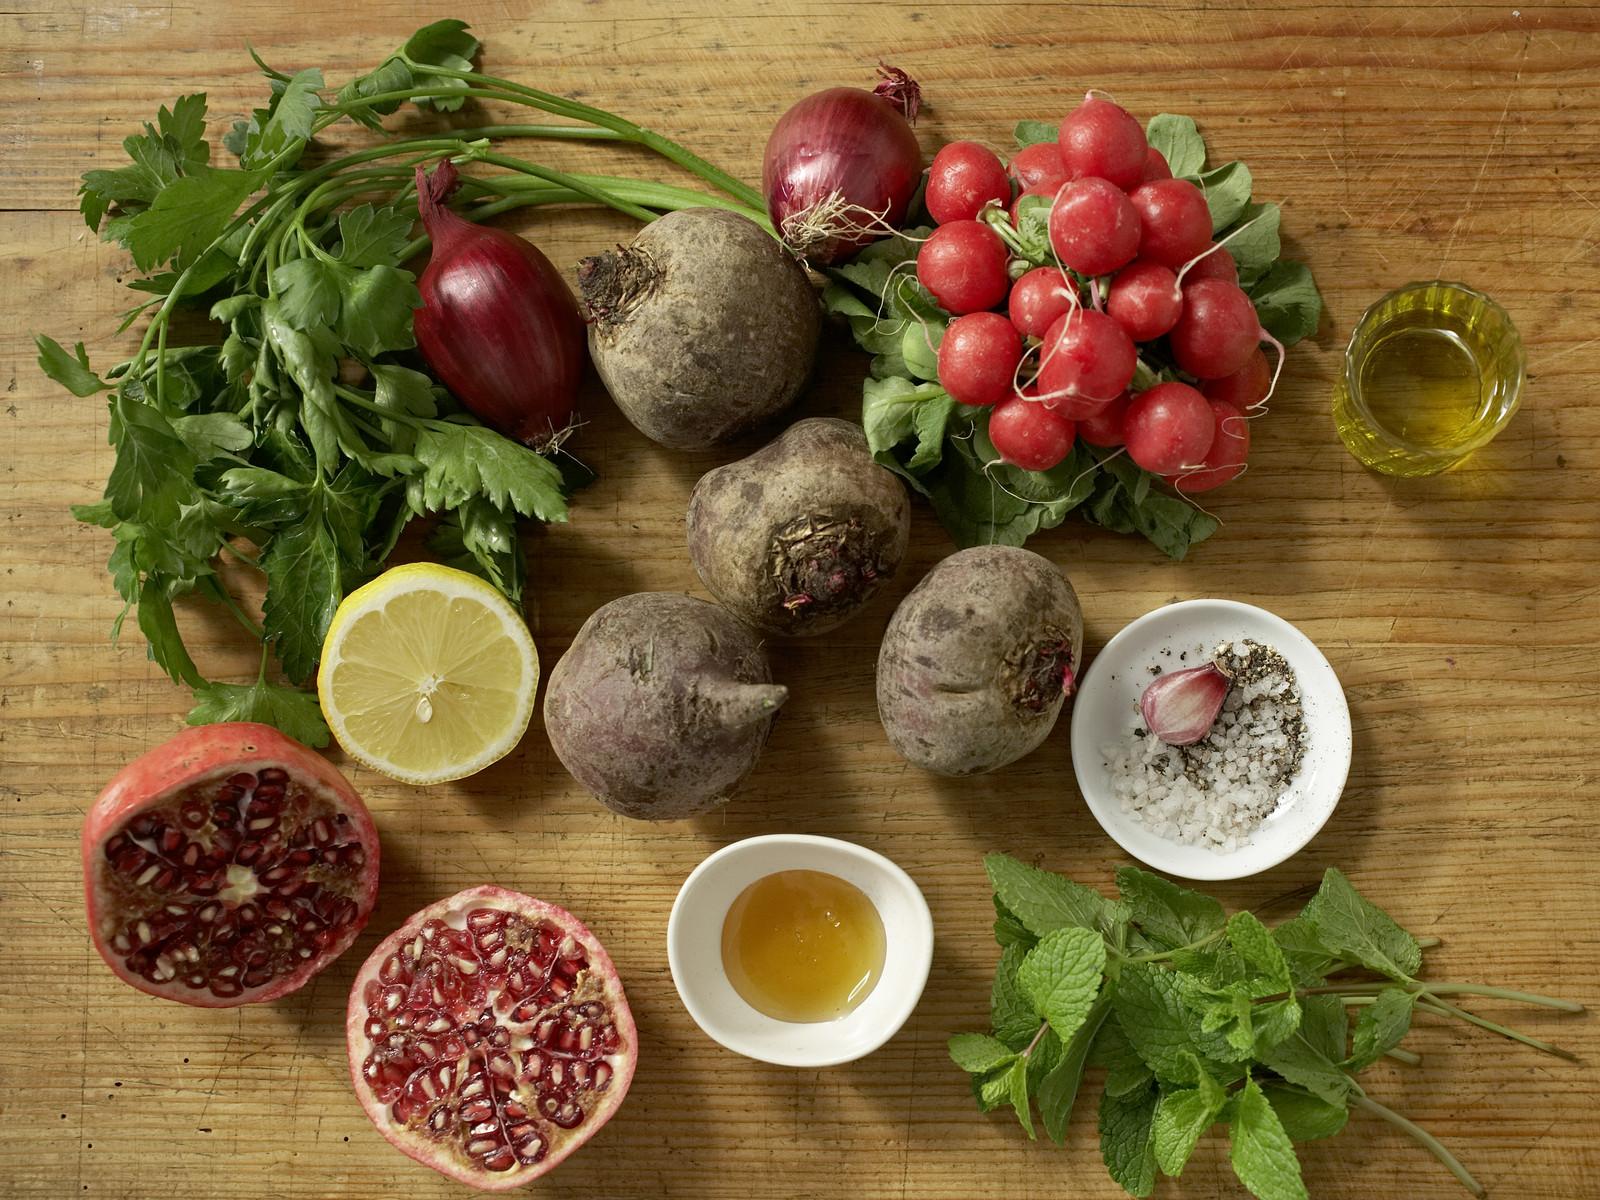 libanesischer rote bete salat rezept eat smarter. Black Bedroom Furniture Sets. Home Design Ideas